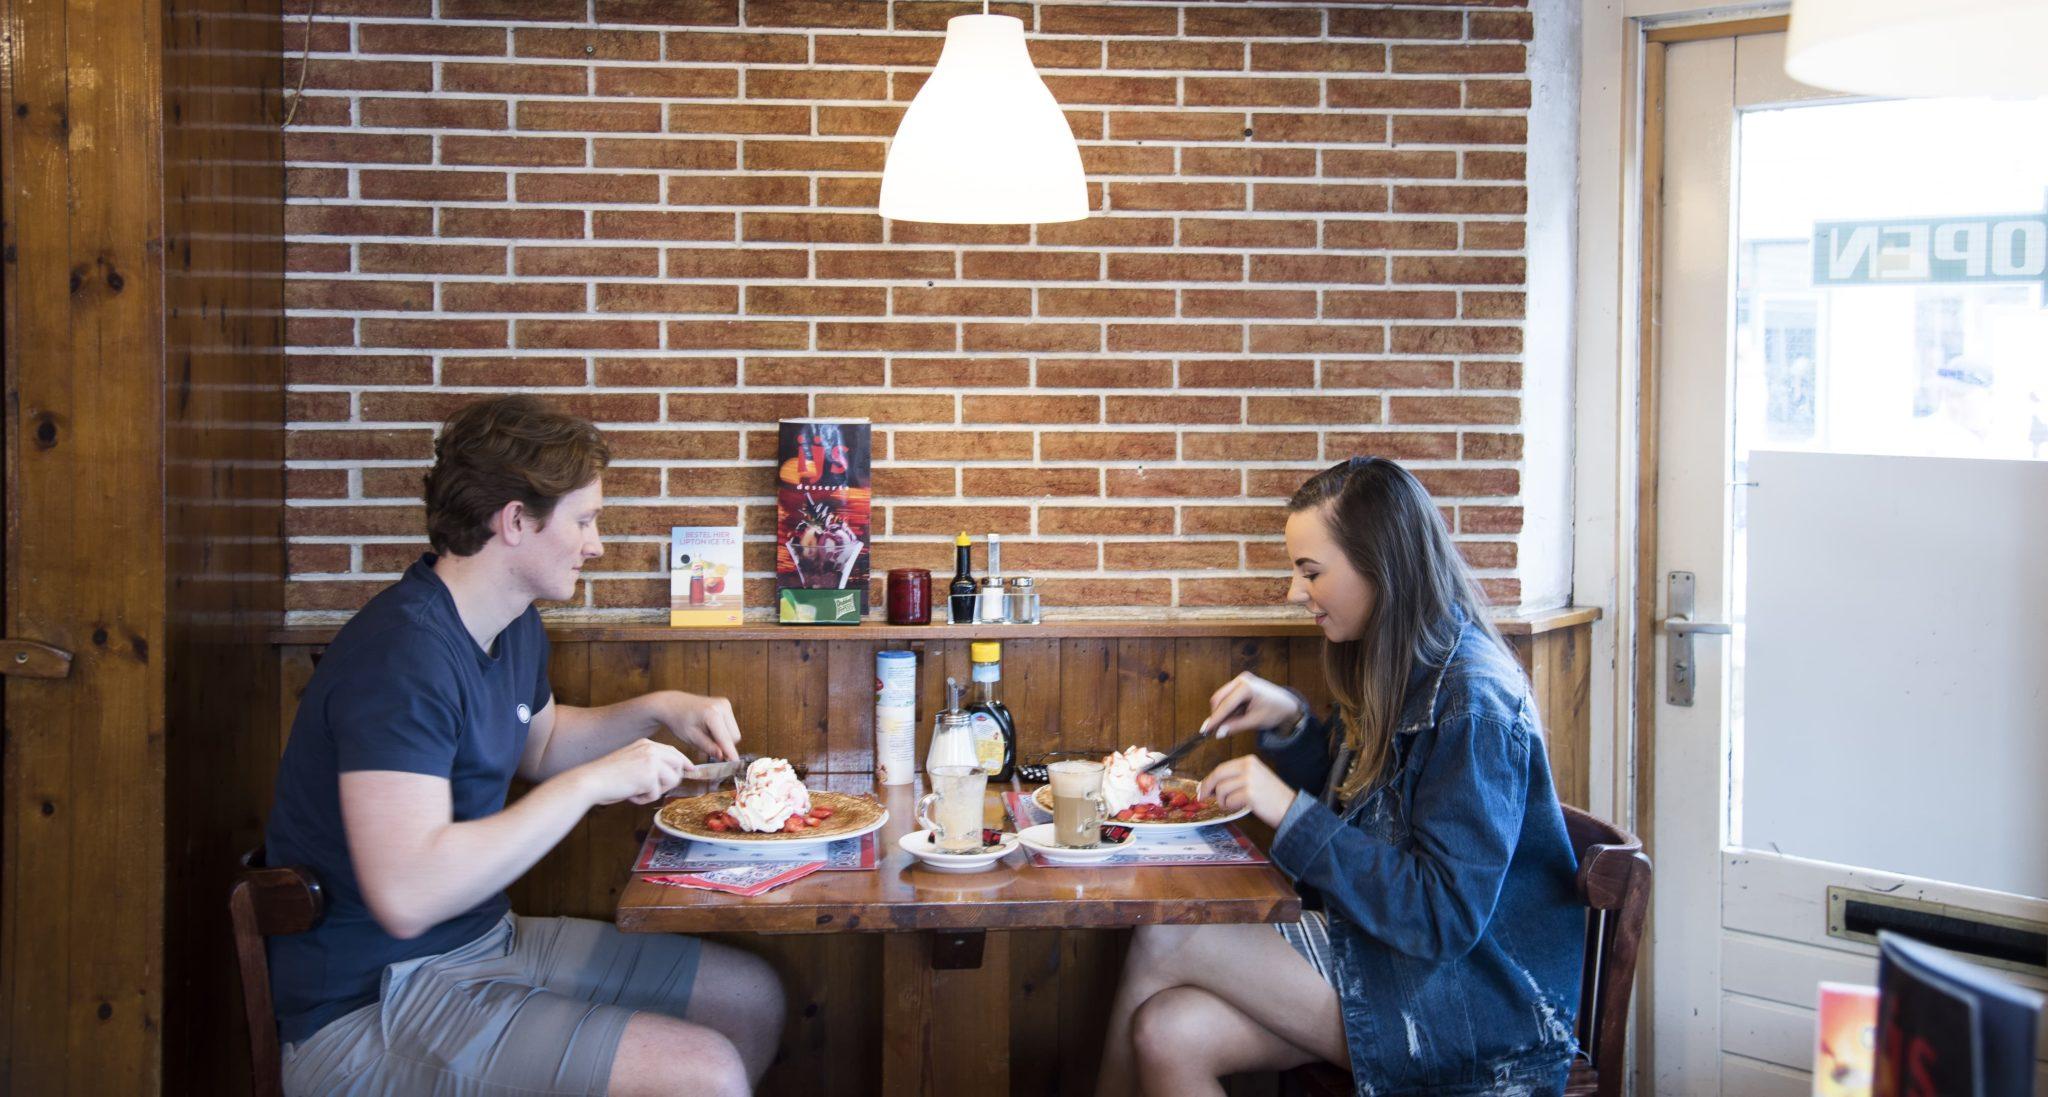 Romantic Dining Romatisch dineren Couple koppel Amsterdam